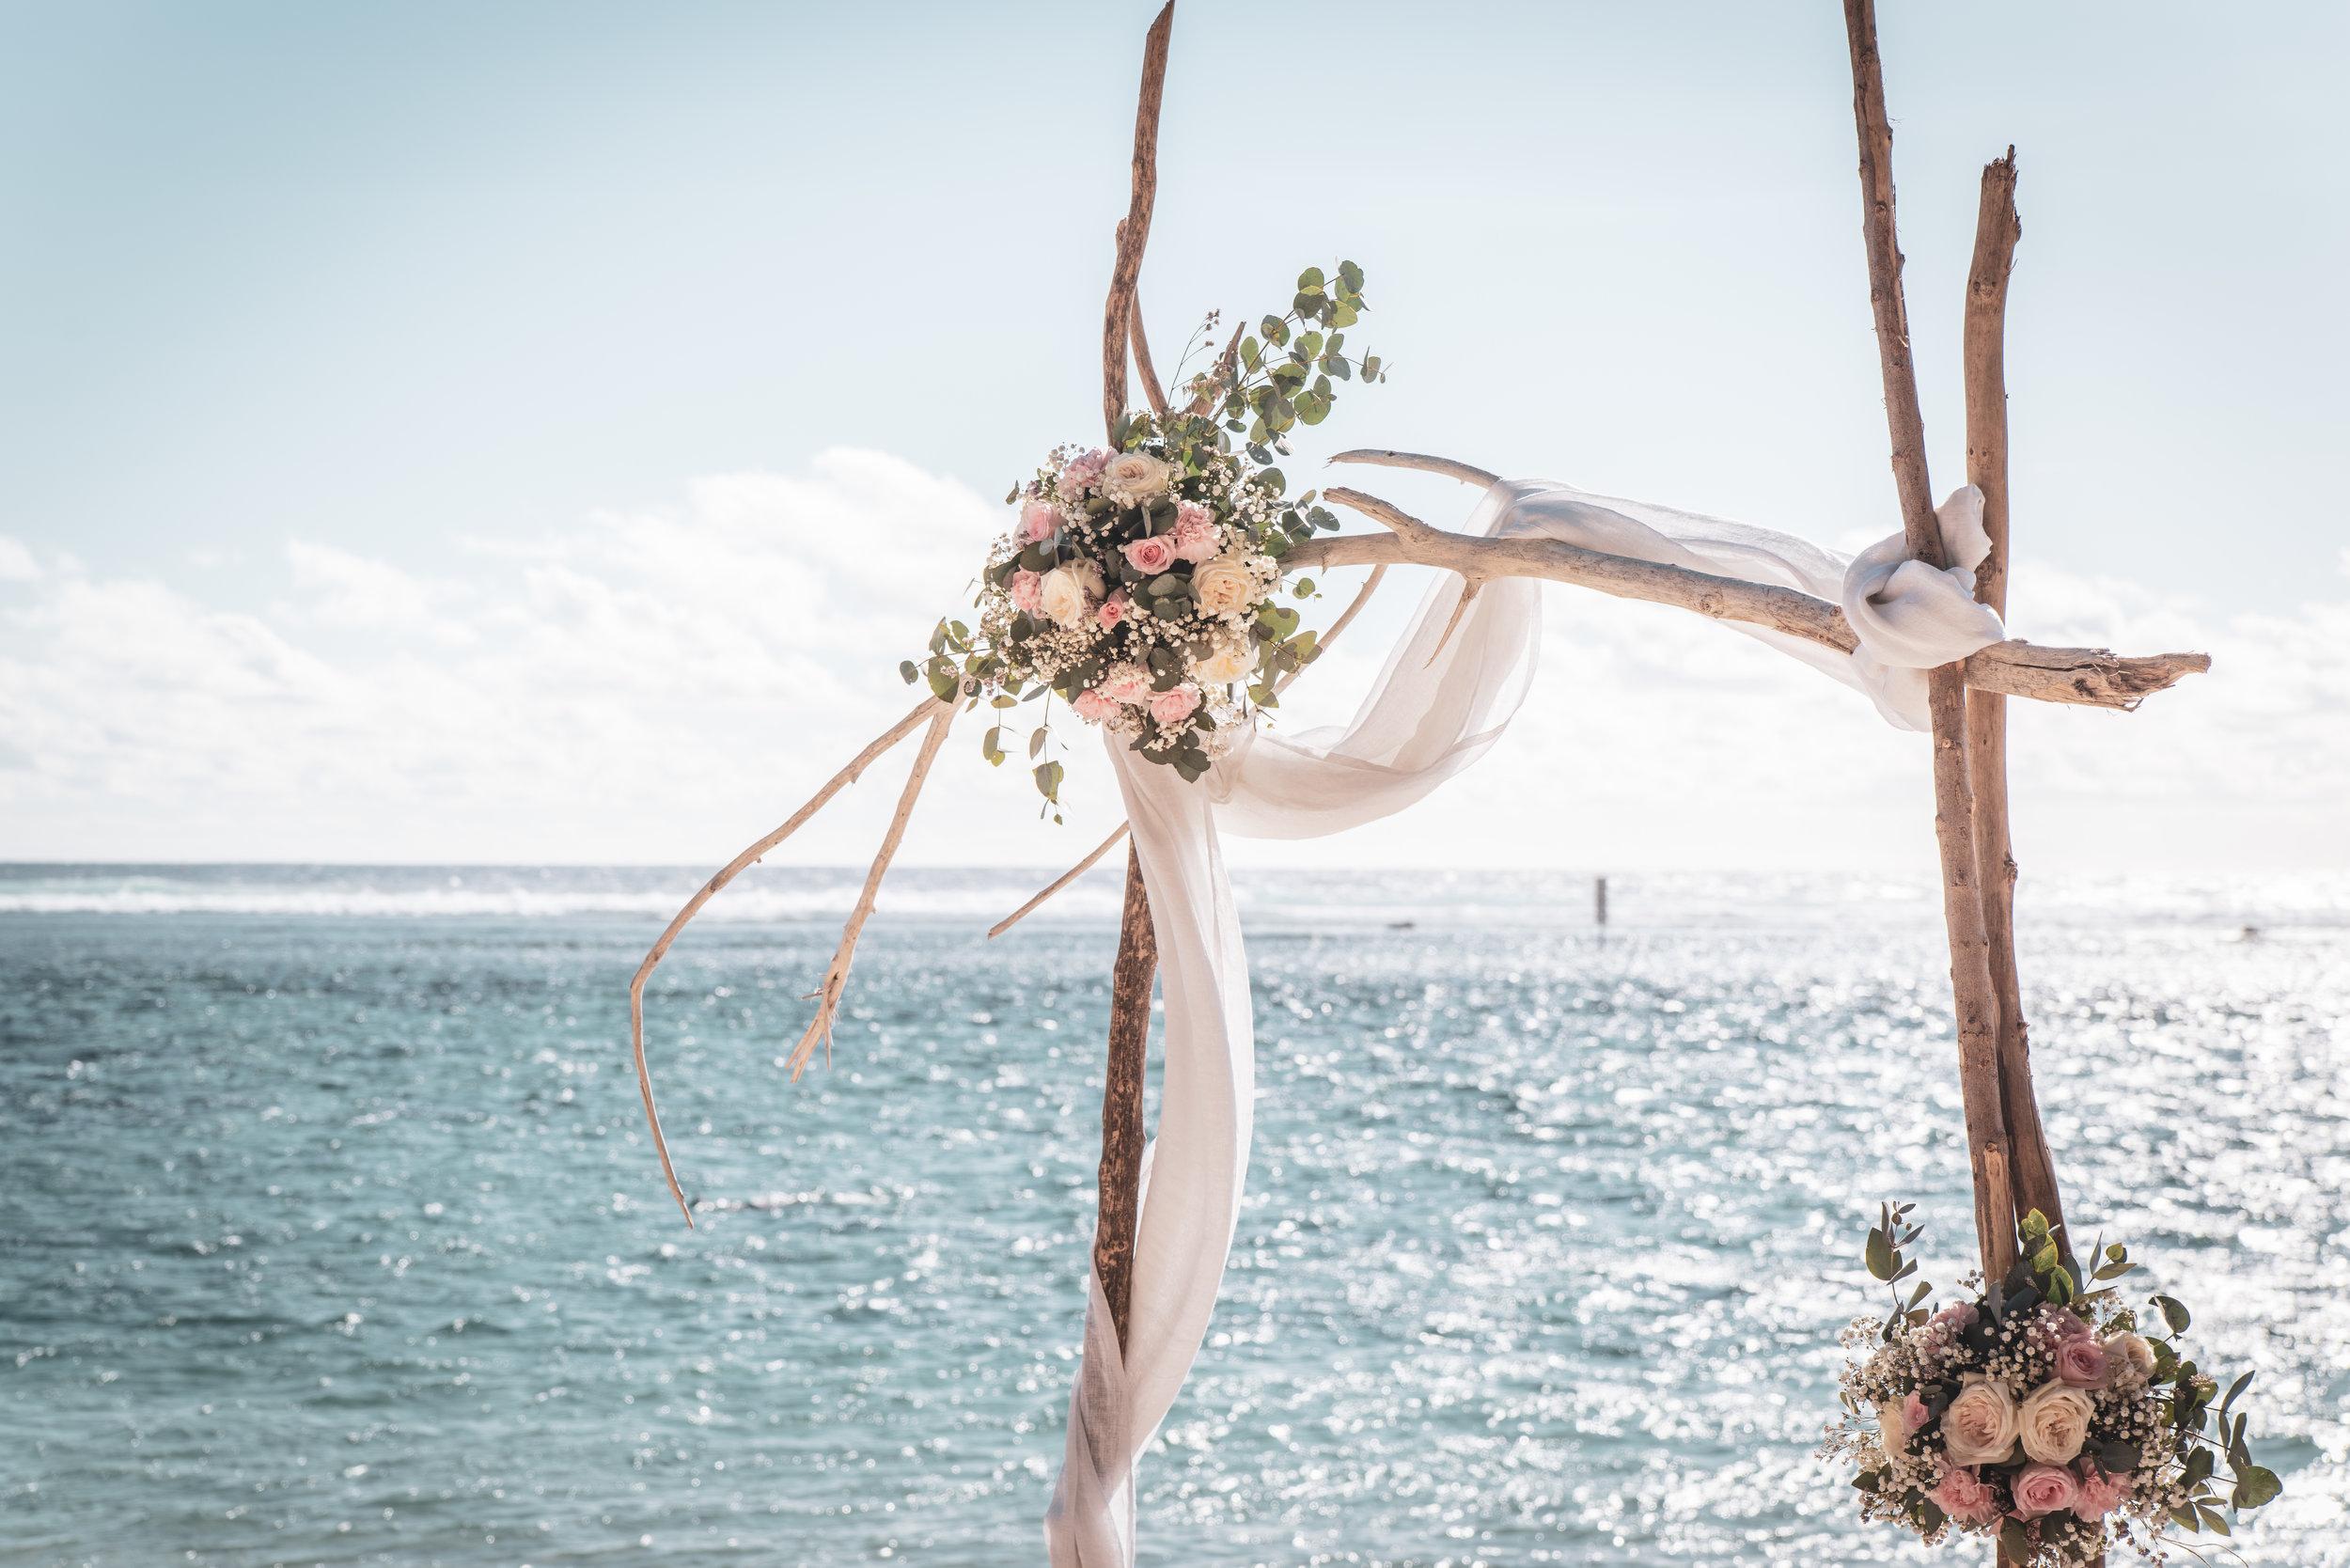 MRevenement organisation de mariage D et F cérémonie laïque La Réunion (11).jpeg